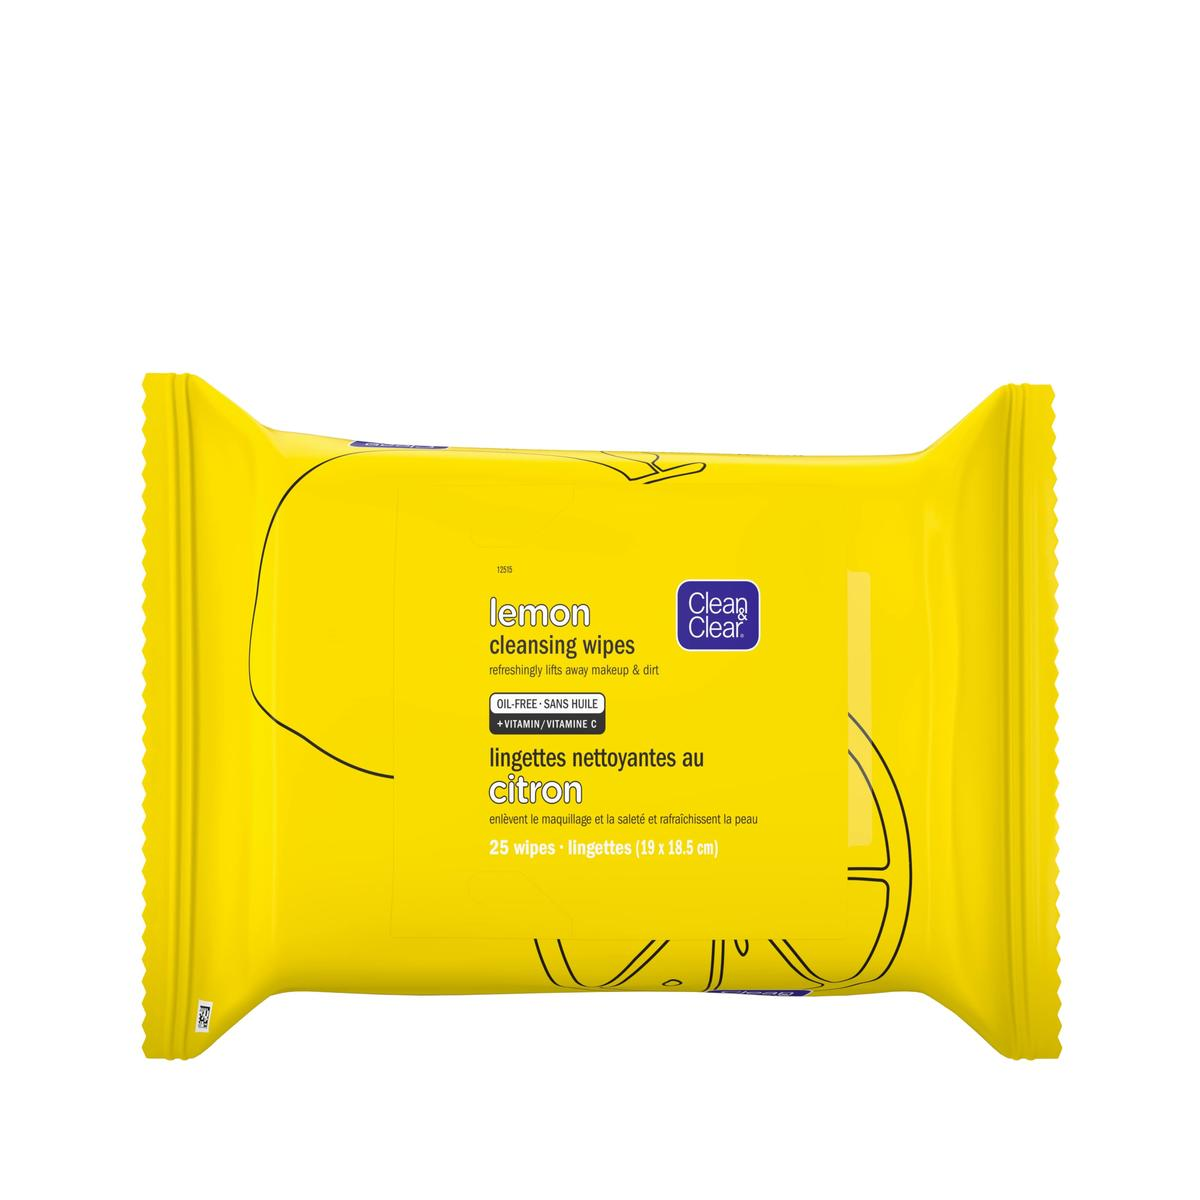 emballage jaune des lingettes nettoyantes Clean and Clear au citron